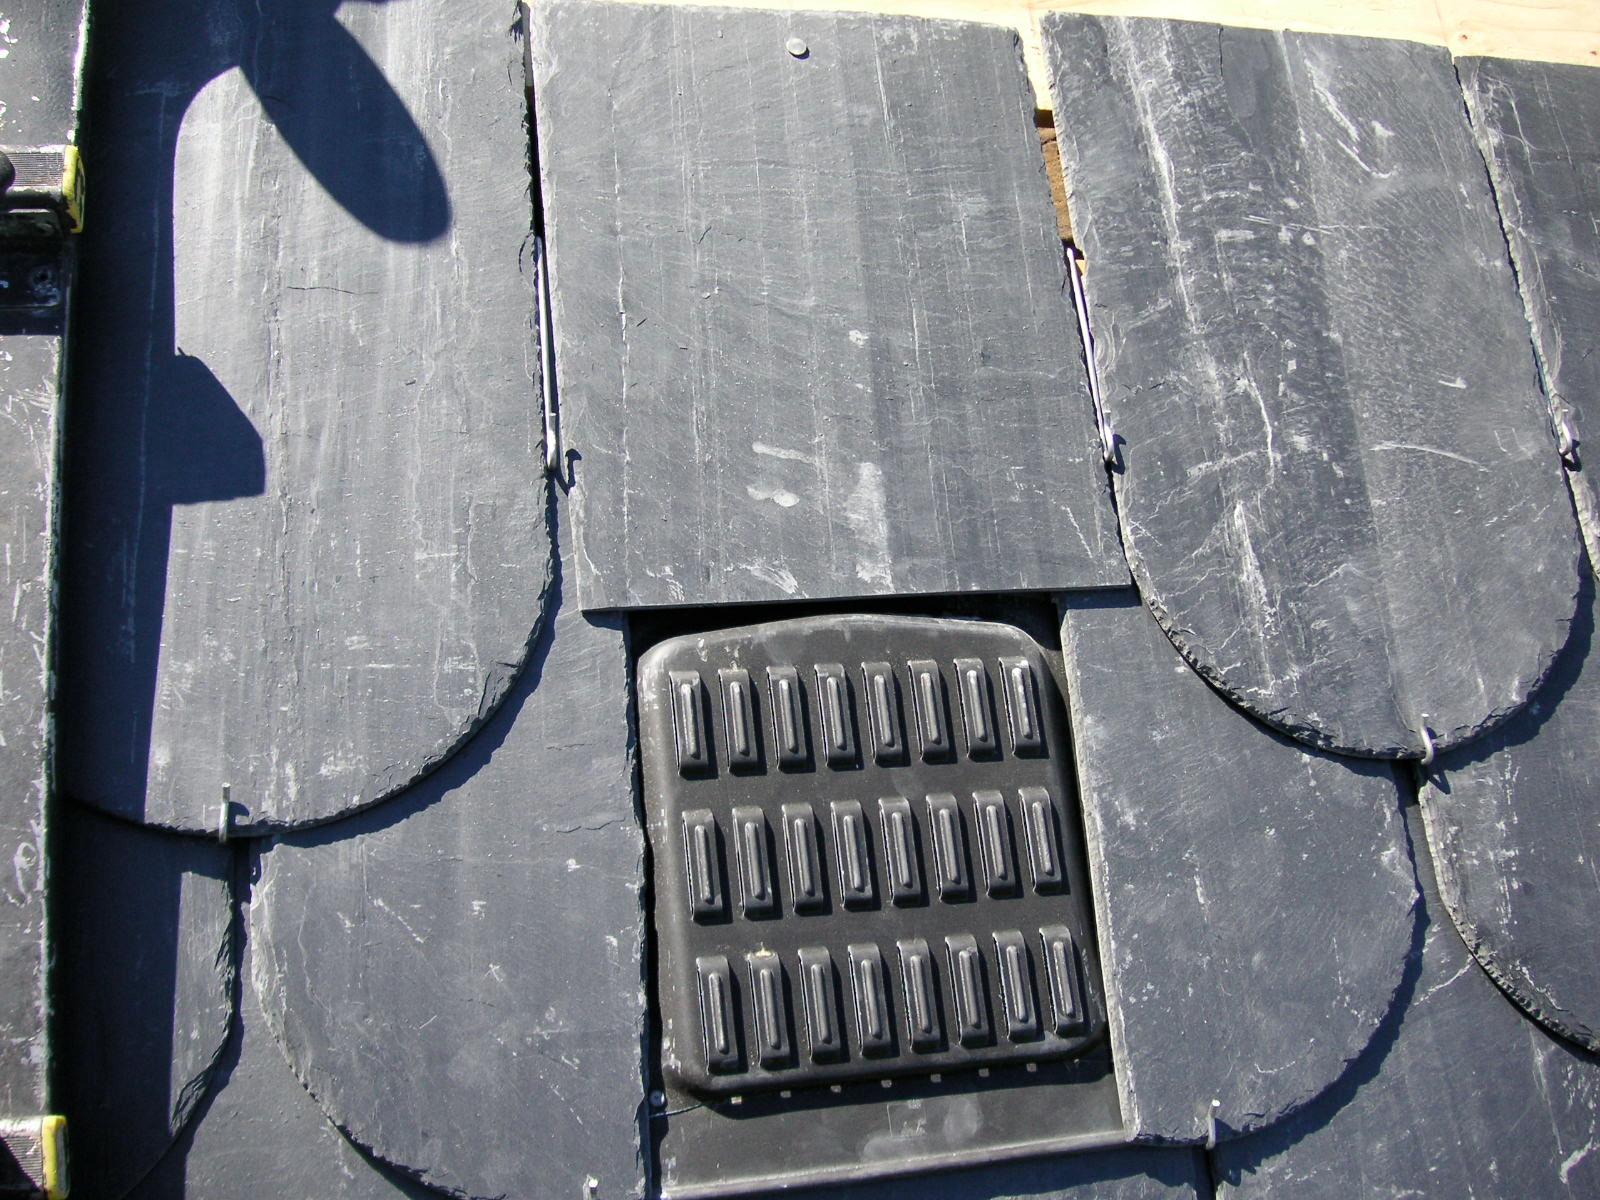 Couverture : mise en place d'une chatière de ventilation sur ardoise.